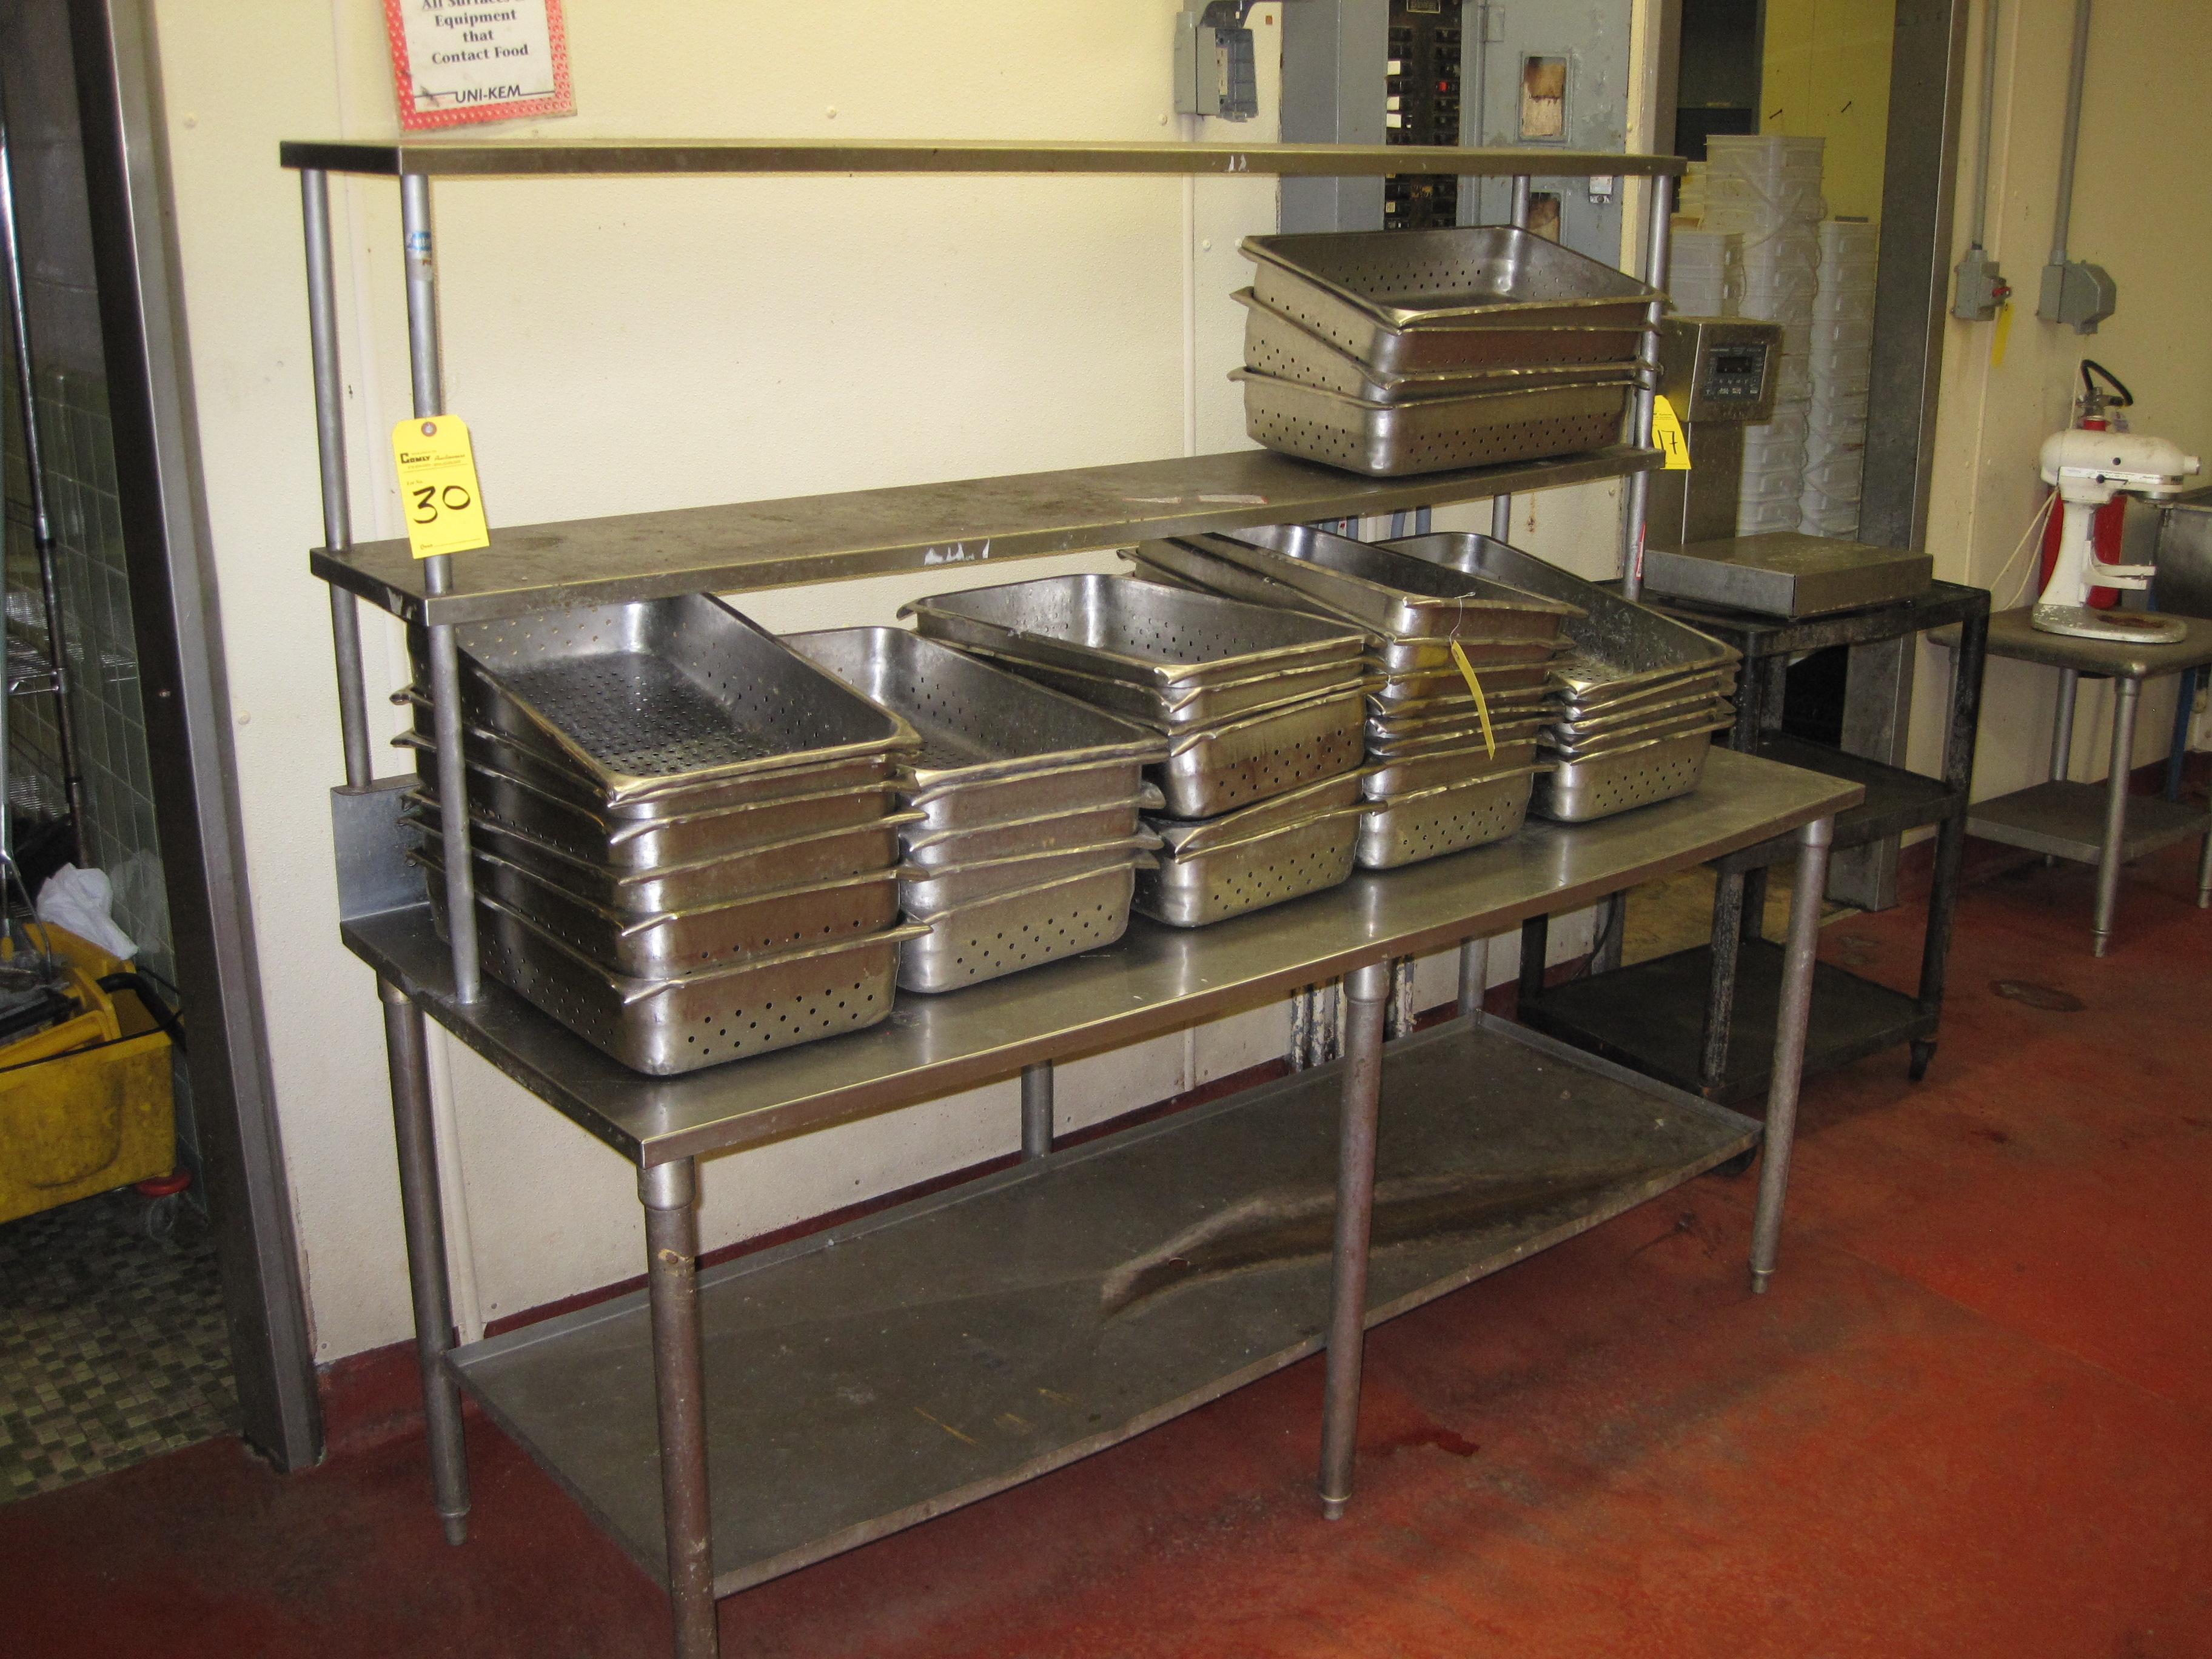 stainless steel prep table w backsplash 2 shelves 6 39. Black Bedroom Furniture Sets. Home Design Ideas